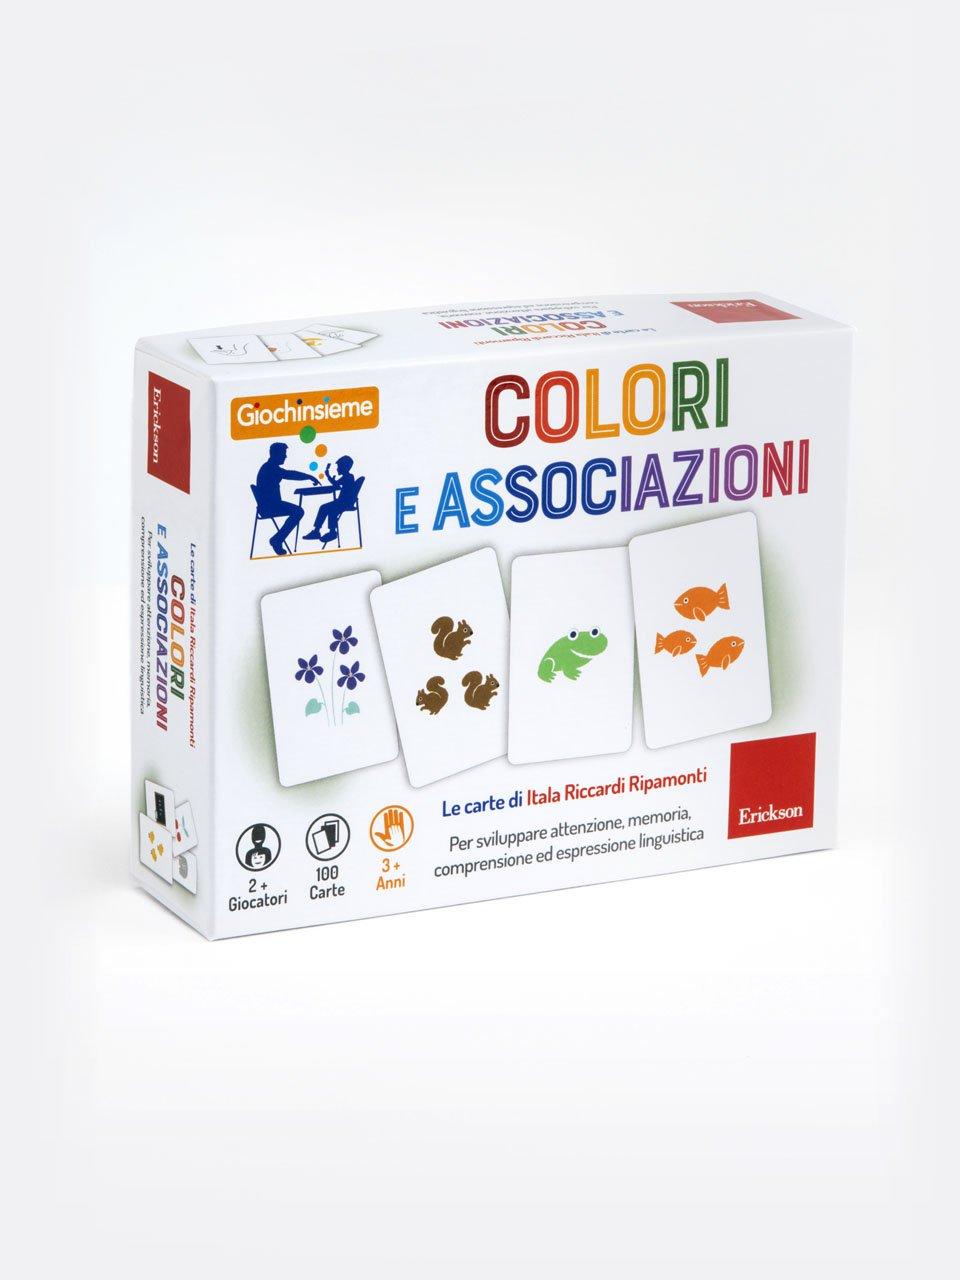 Giochinsieme - Colori e associazioni - C'era un Pirata - Giochi - Erickson